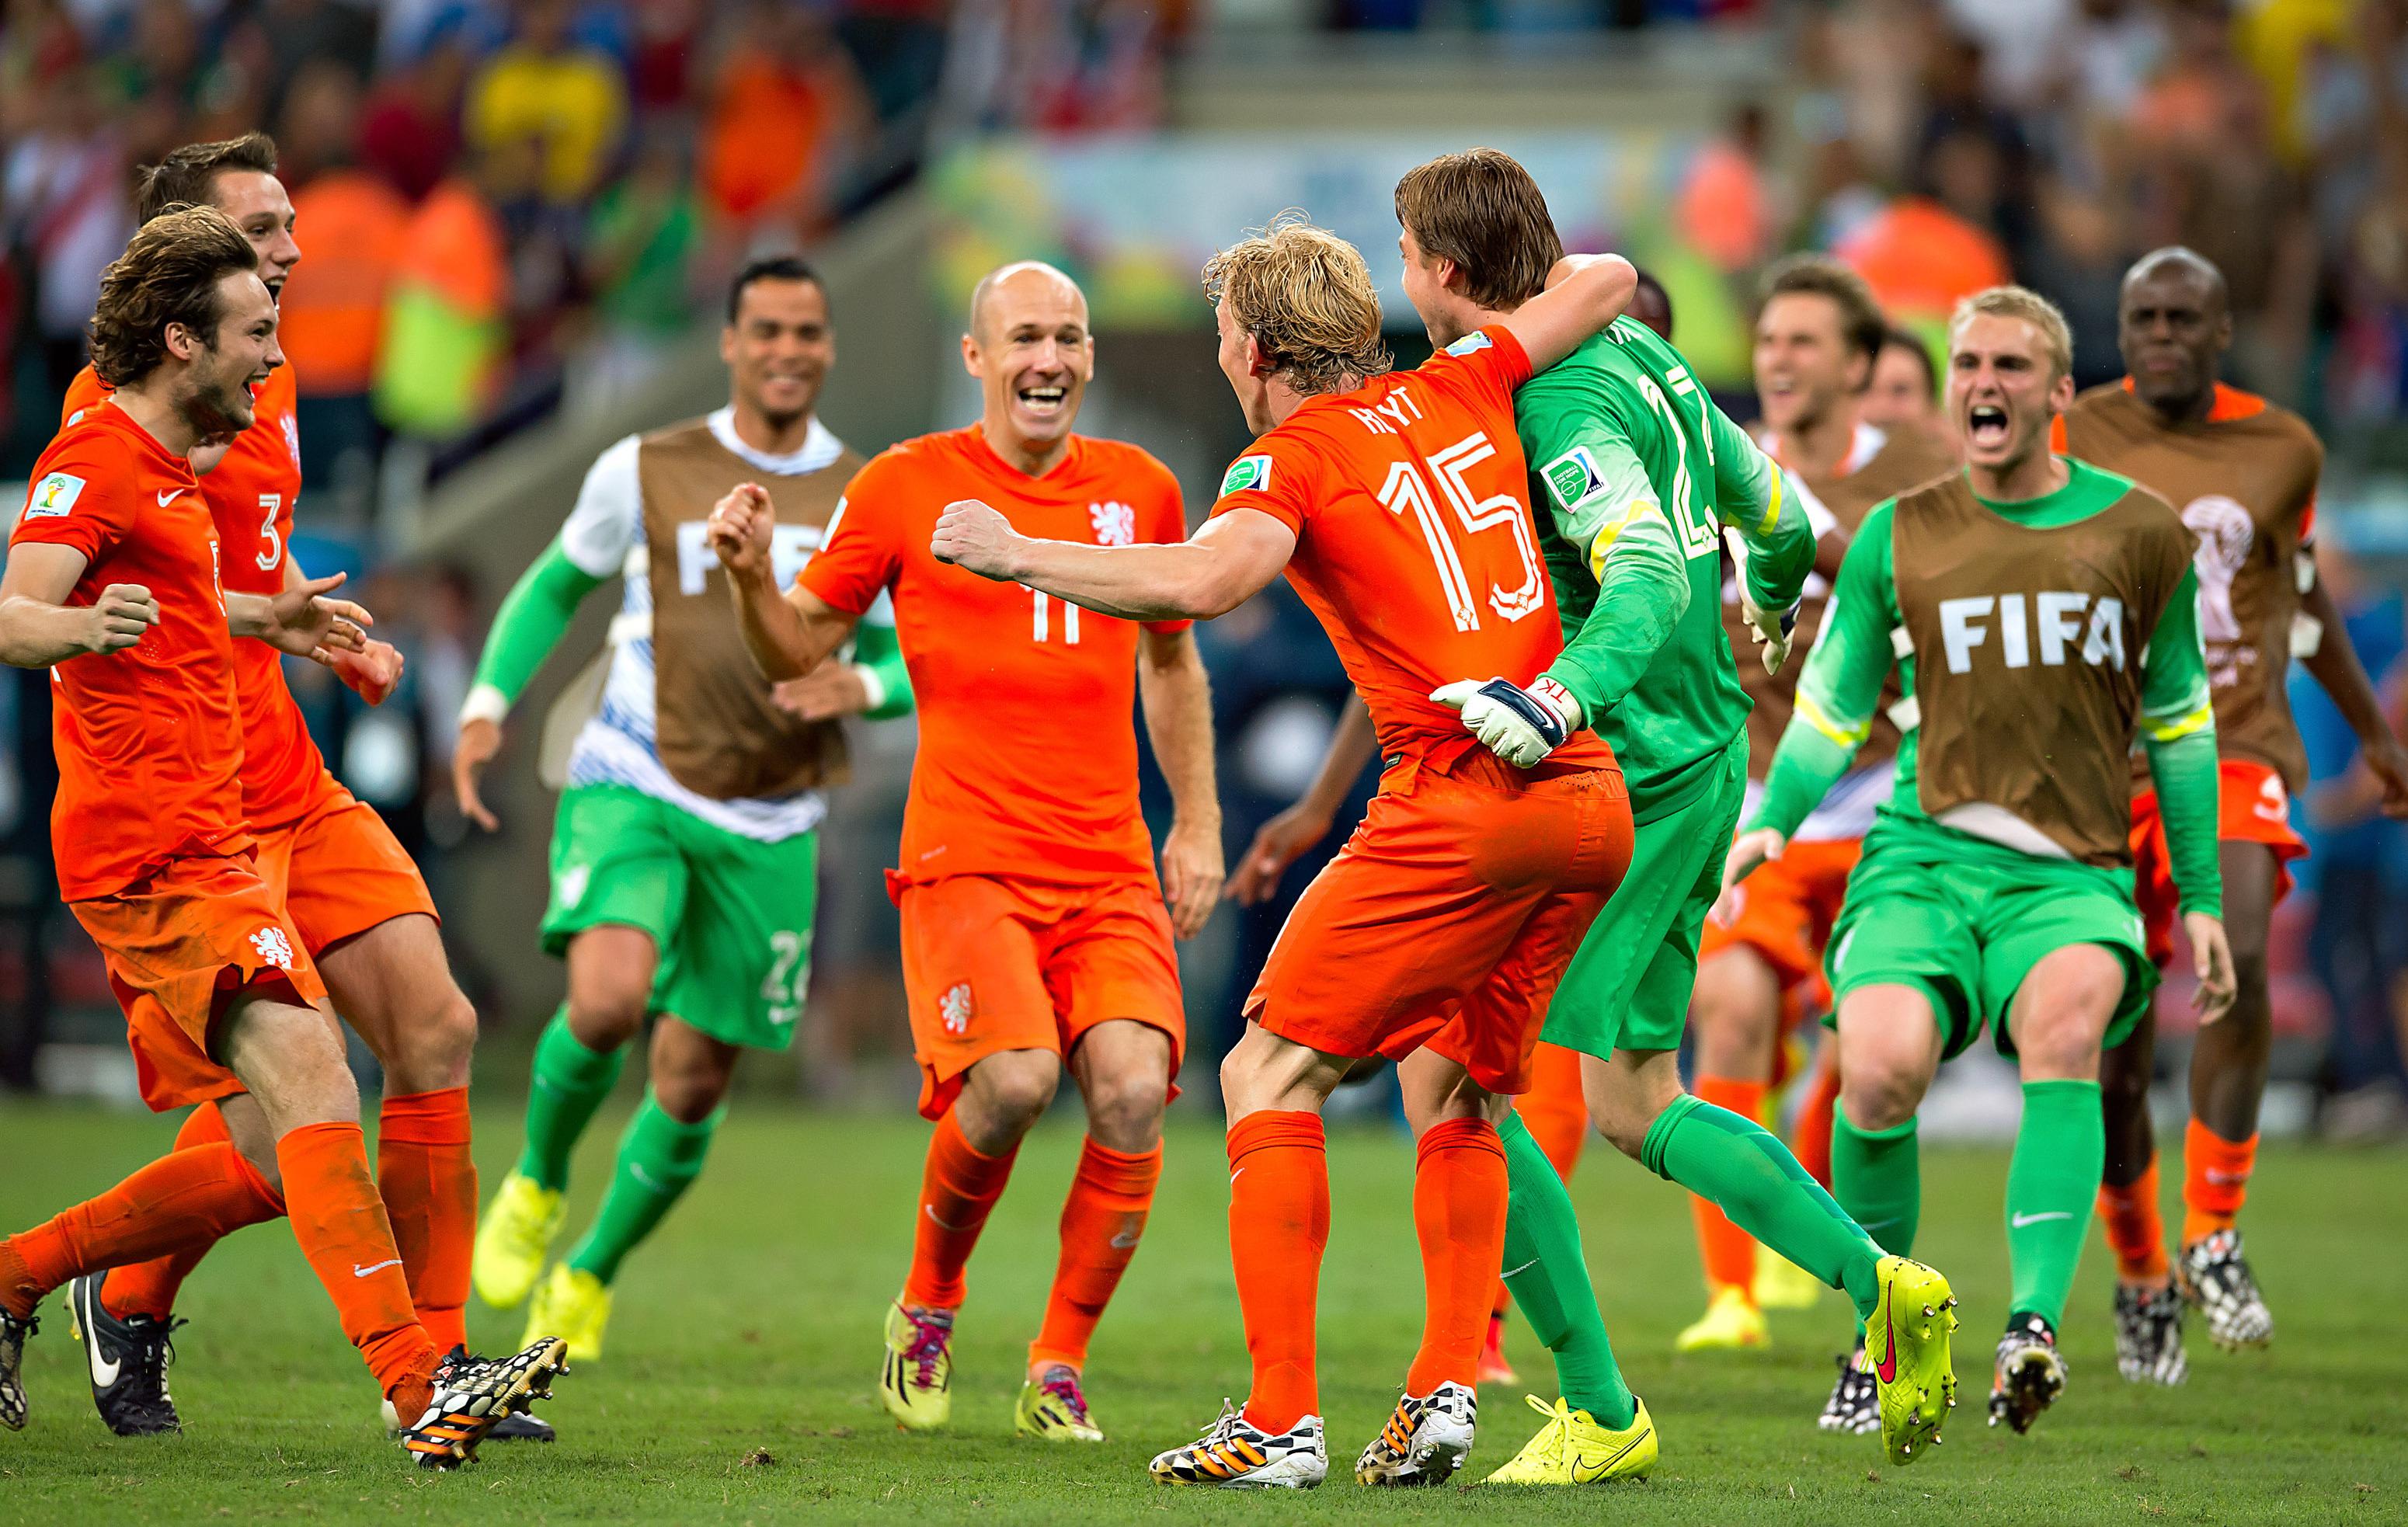 Van gaal et krul sauvent les pays bas 2014 br sil coupe du monde football - Jeux de football coupe du monde 2014 ...